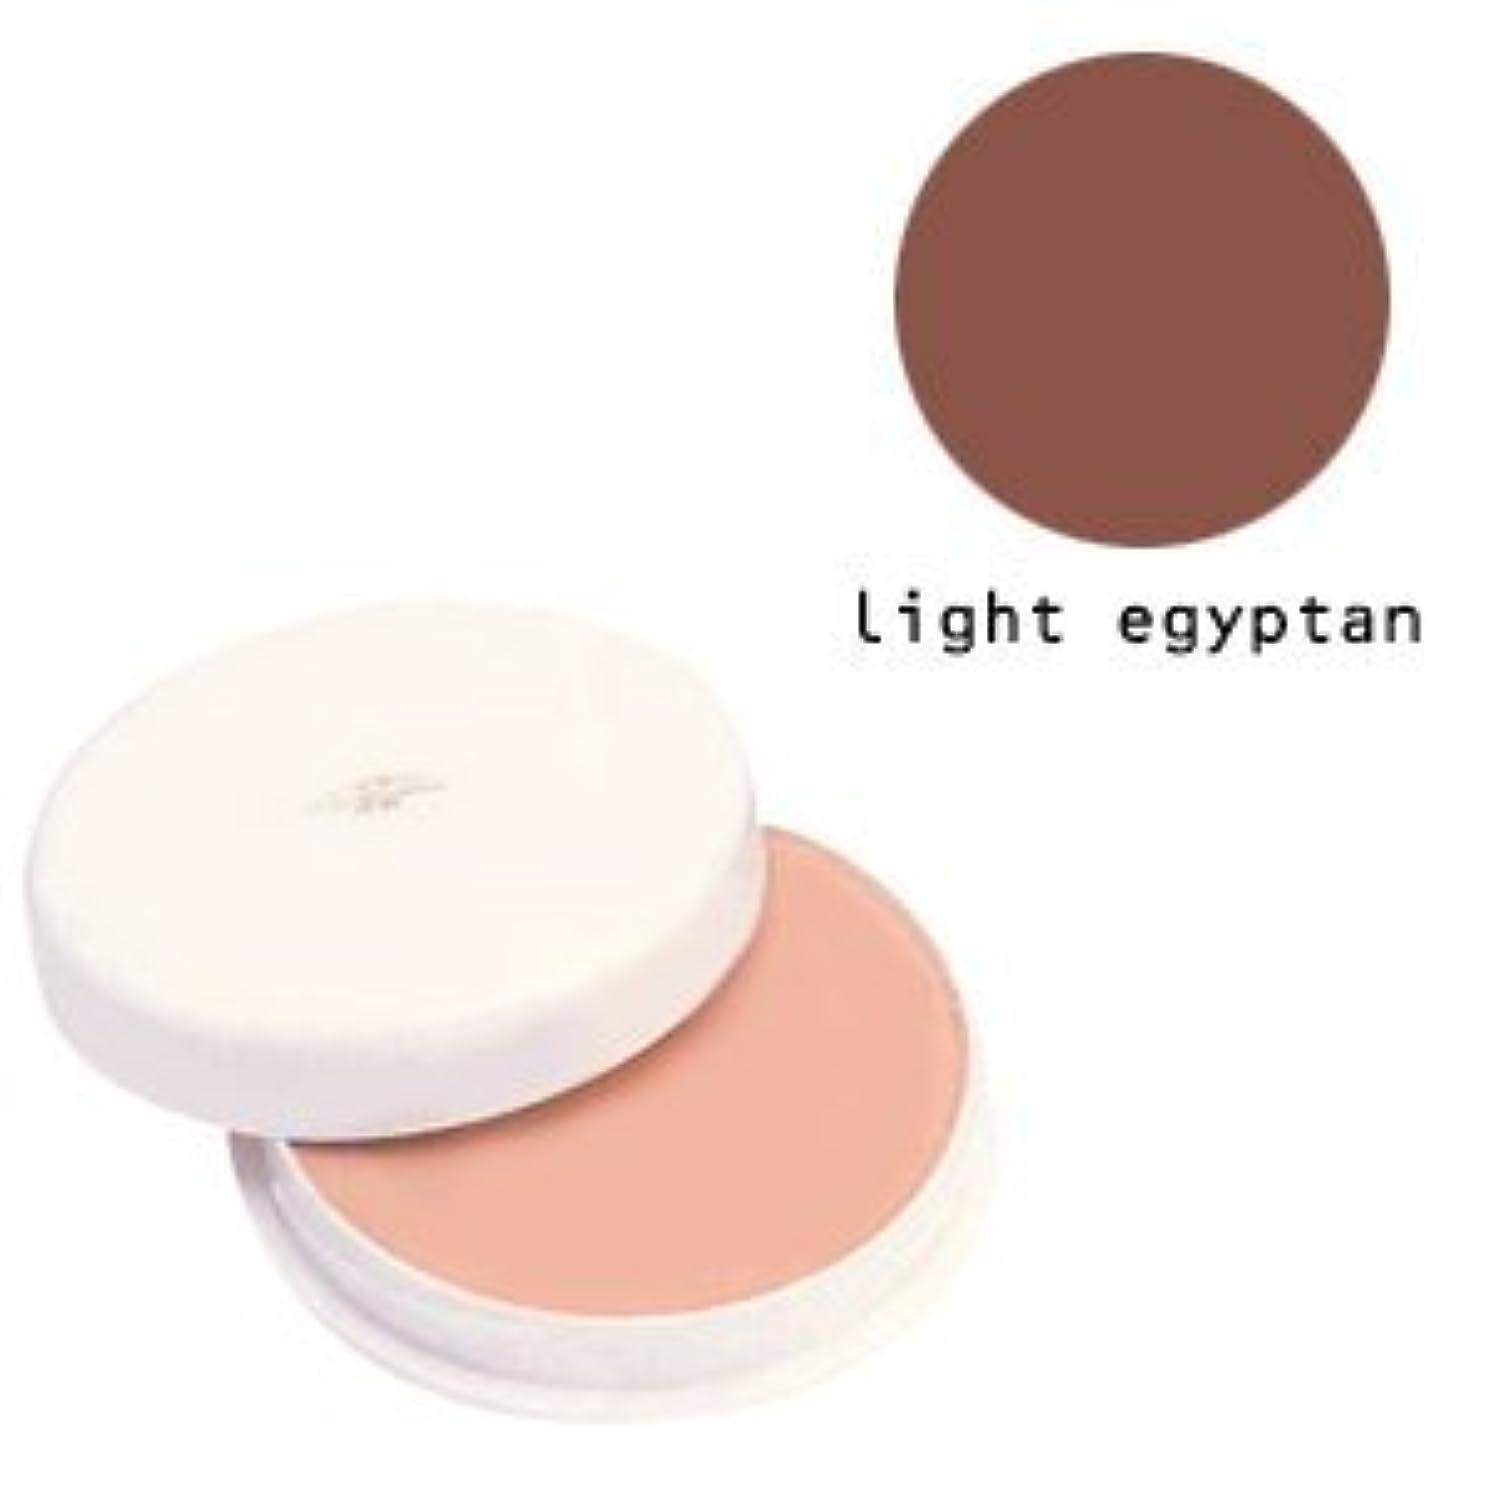 望む影響を受けやすいですエレガント三善 フェースケーキ ライトエジプタン